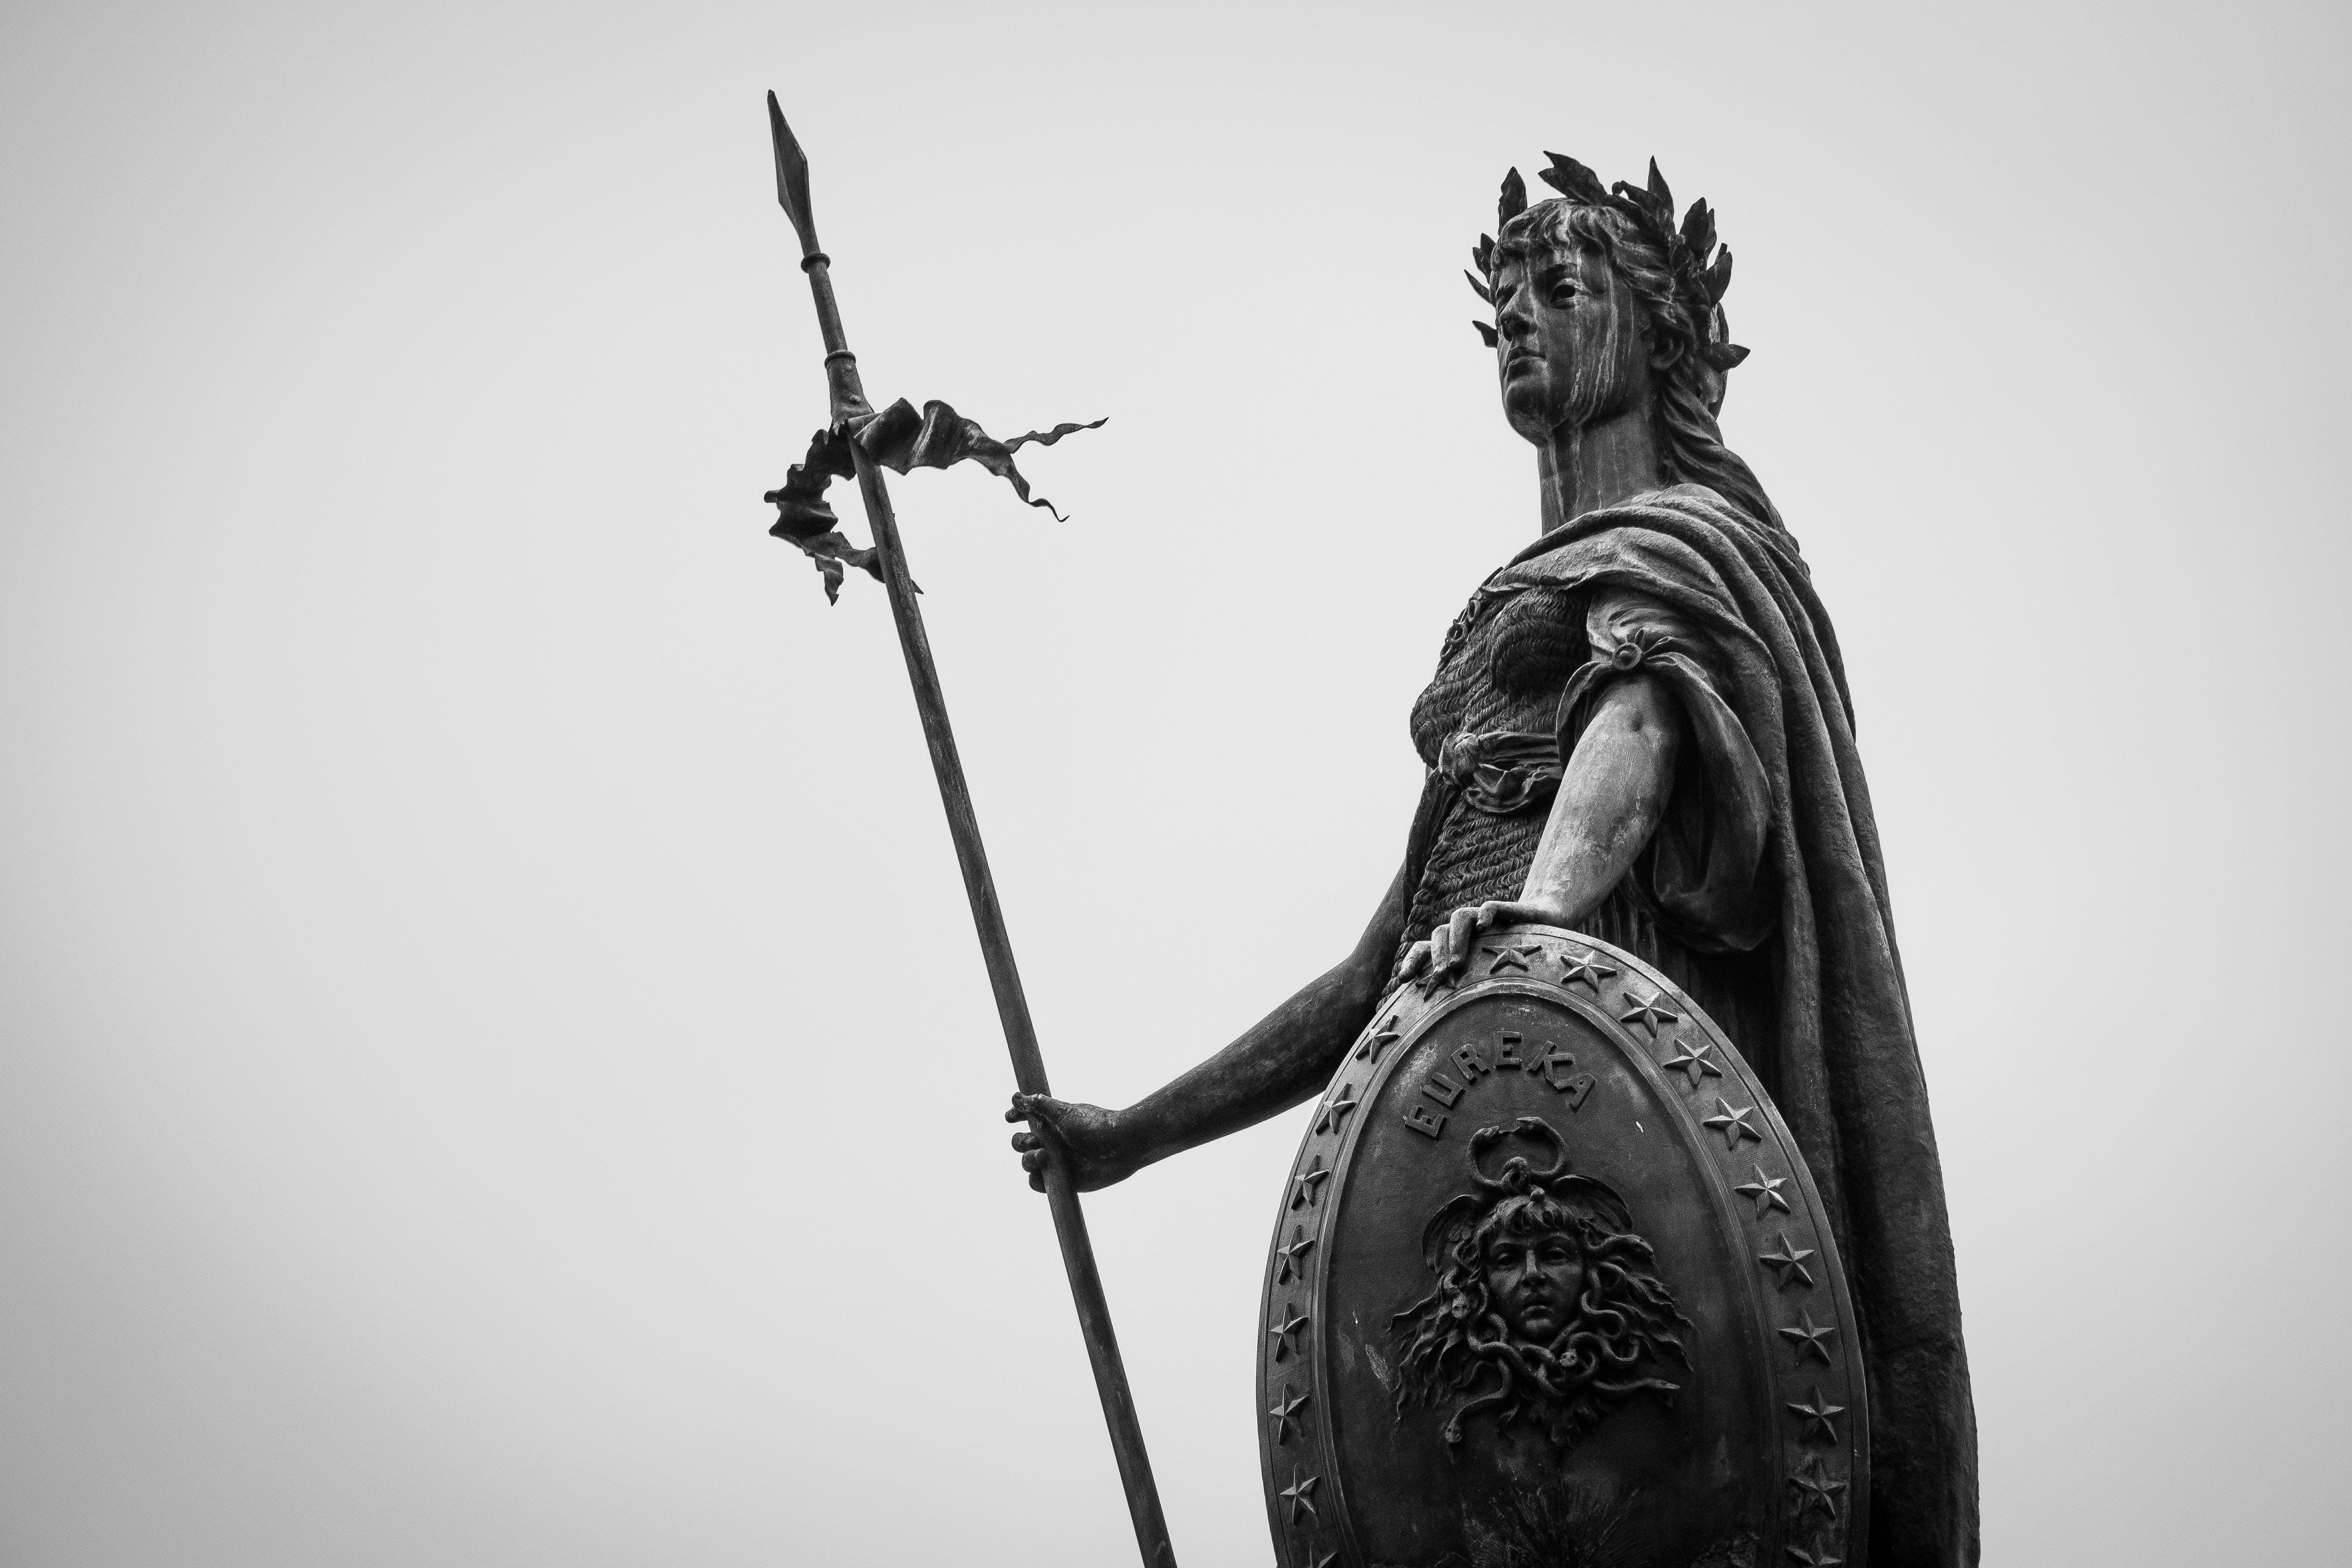 Fotos de stock gratuitas de estatua, fotografía monocromática